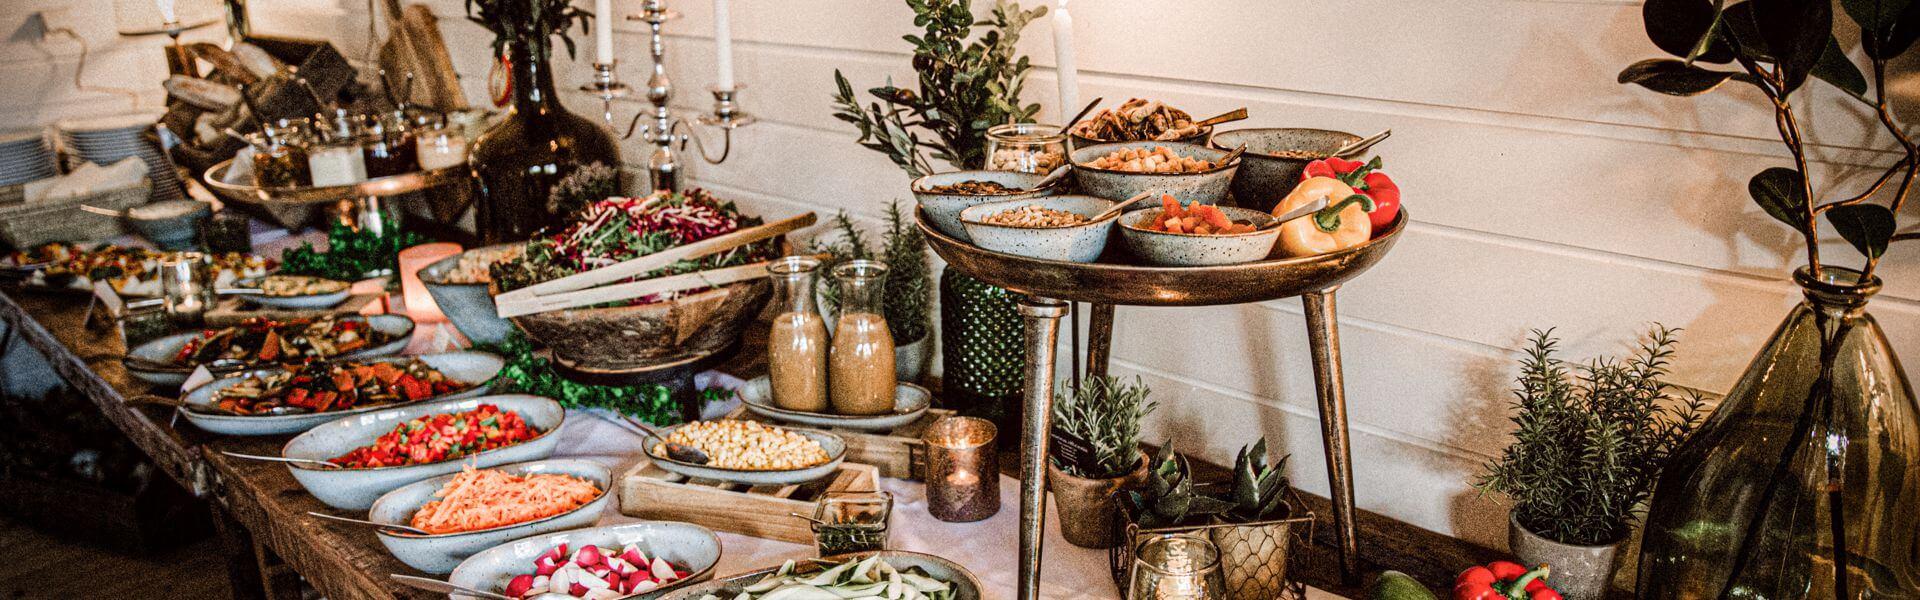 lieblingsburger-klassisches-buffet-header